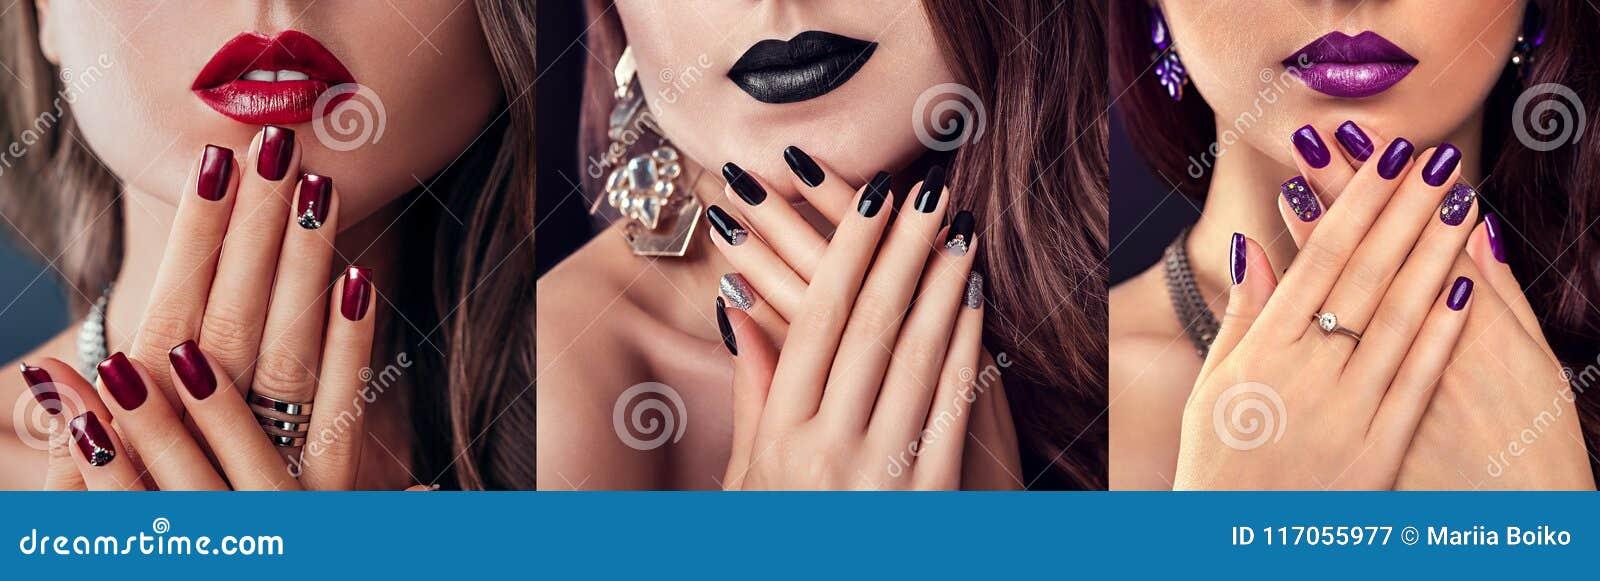 Il modello di moda di bellezza con trucco differente ed il chiodo progettano i gioielli d uso Insieme del manicure Tre sguardi al